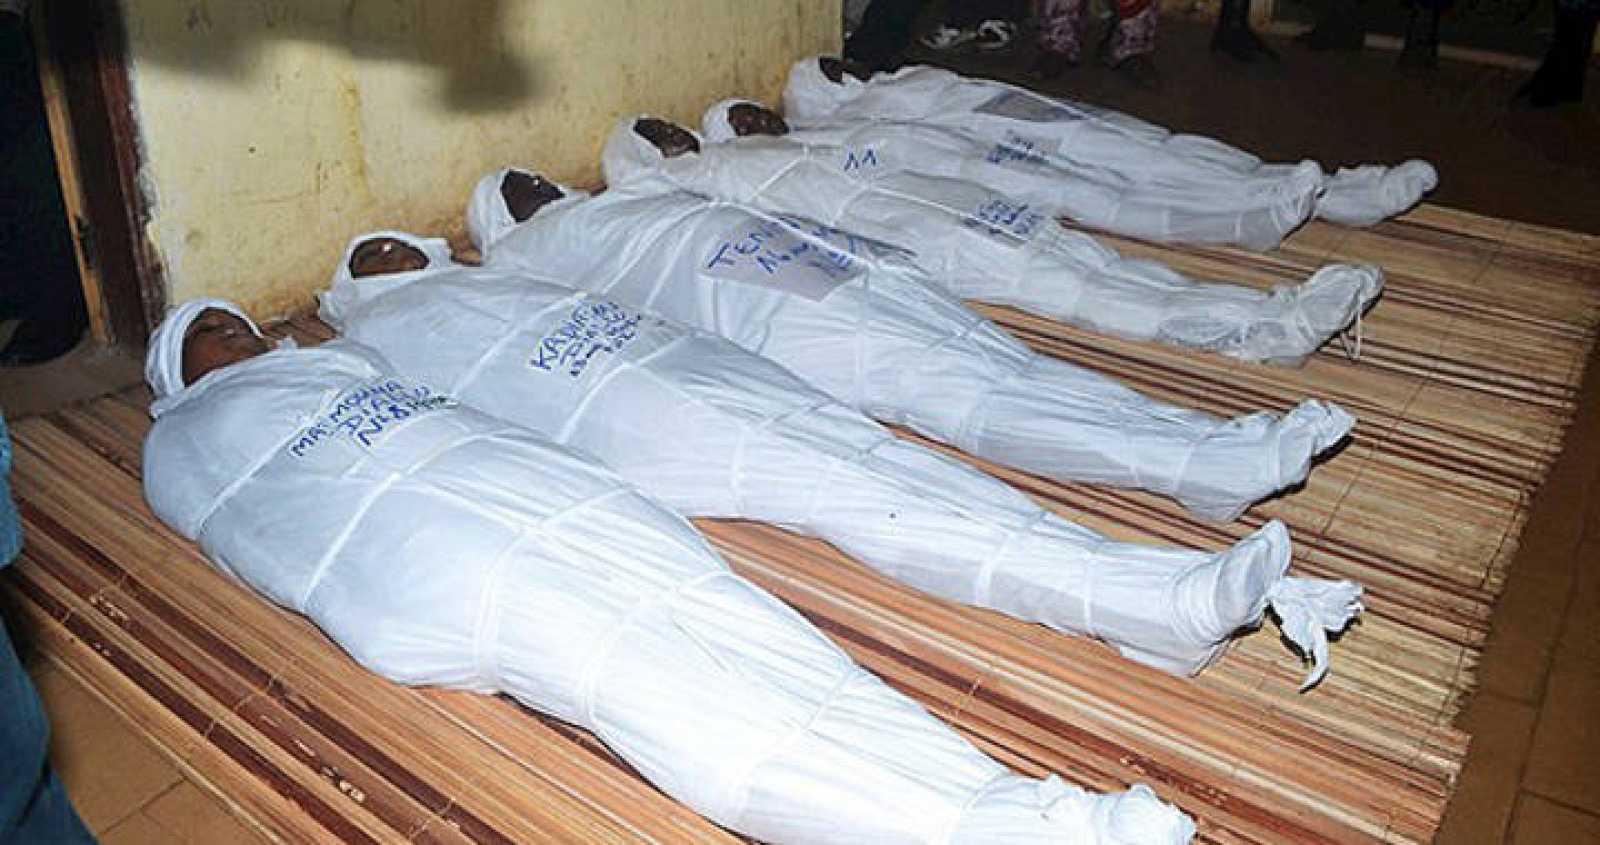 Algunos de los cuerpos de las víctimas en la morgue del hospital de Donke